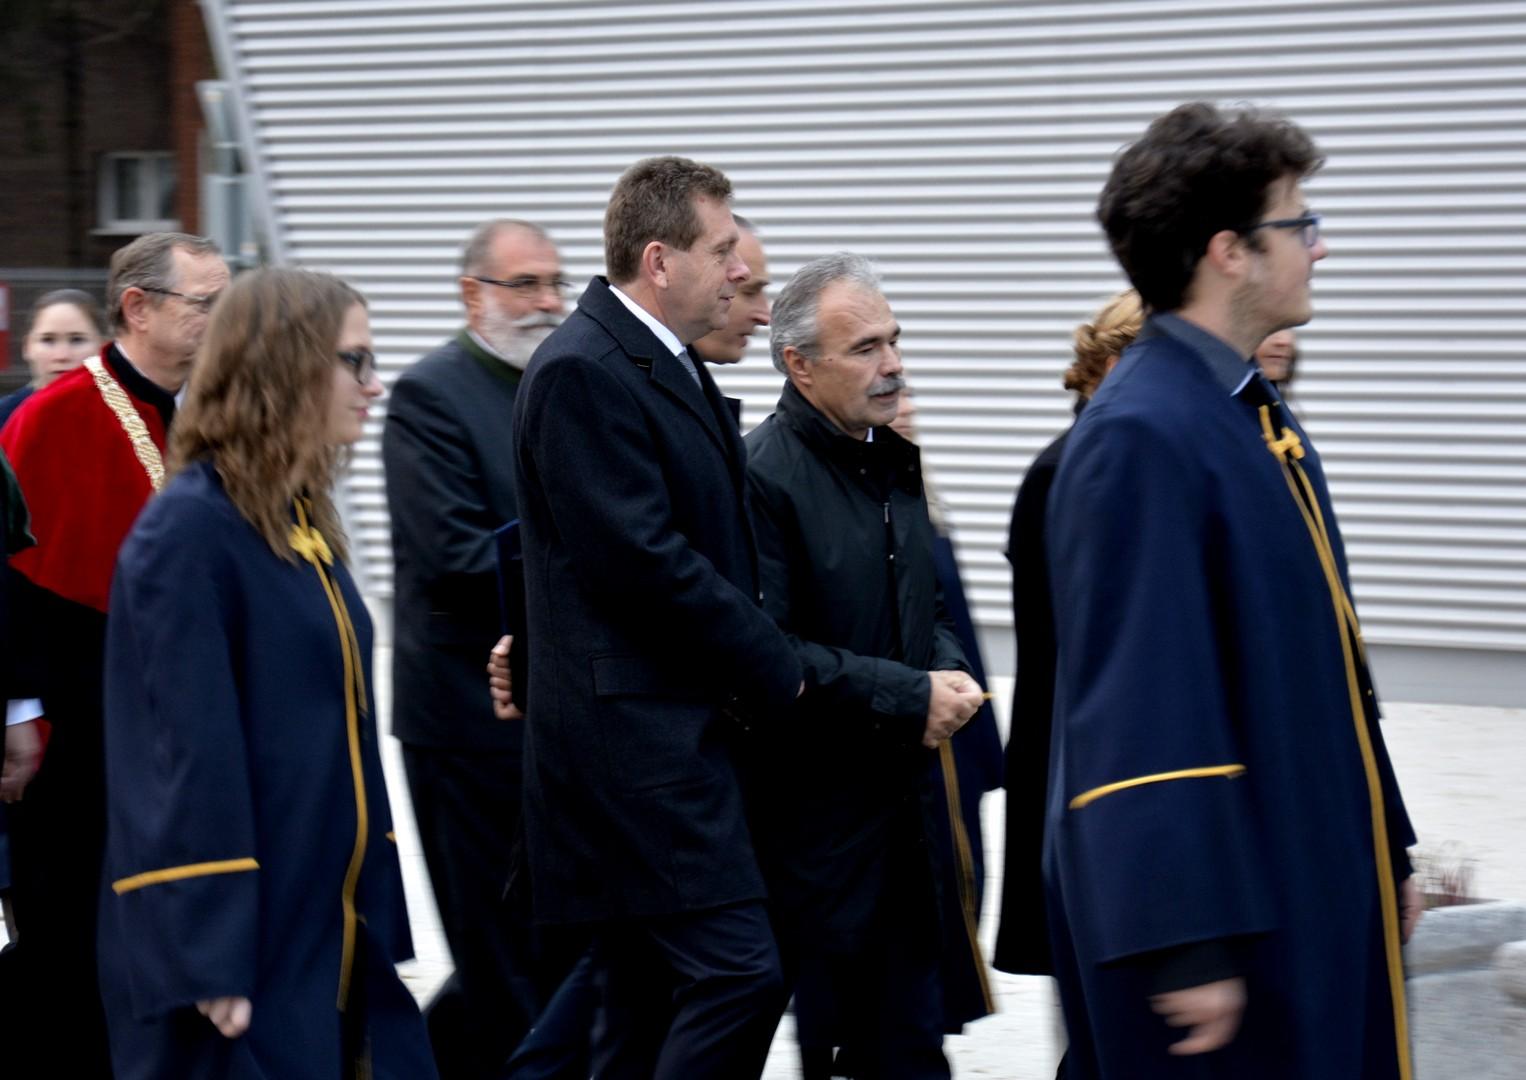 kétszáz éves jubileumi agrár-felsőoktatási ünnepség, felvonulás Mosonmagyaróvár - Nagy István miniszter